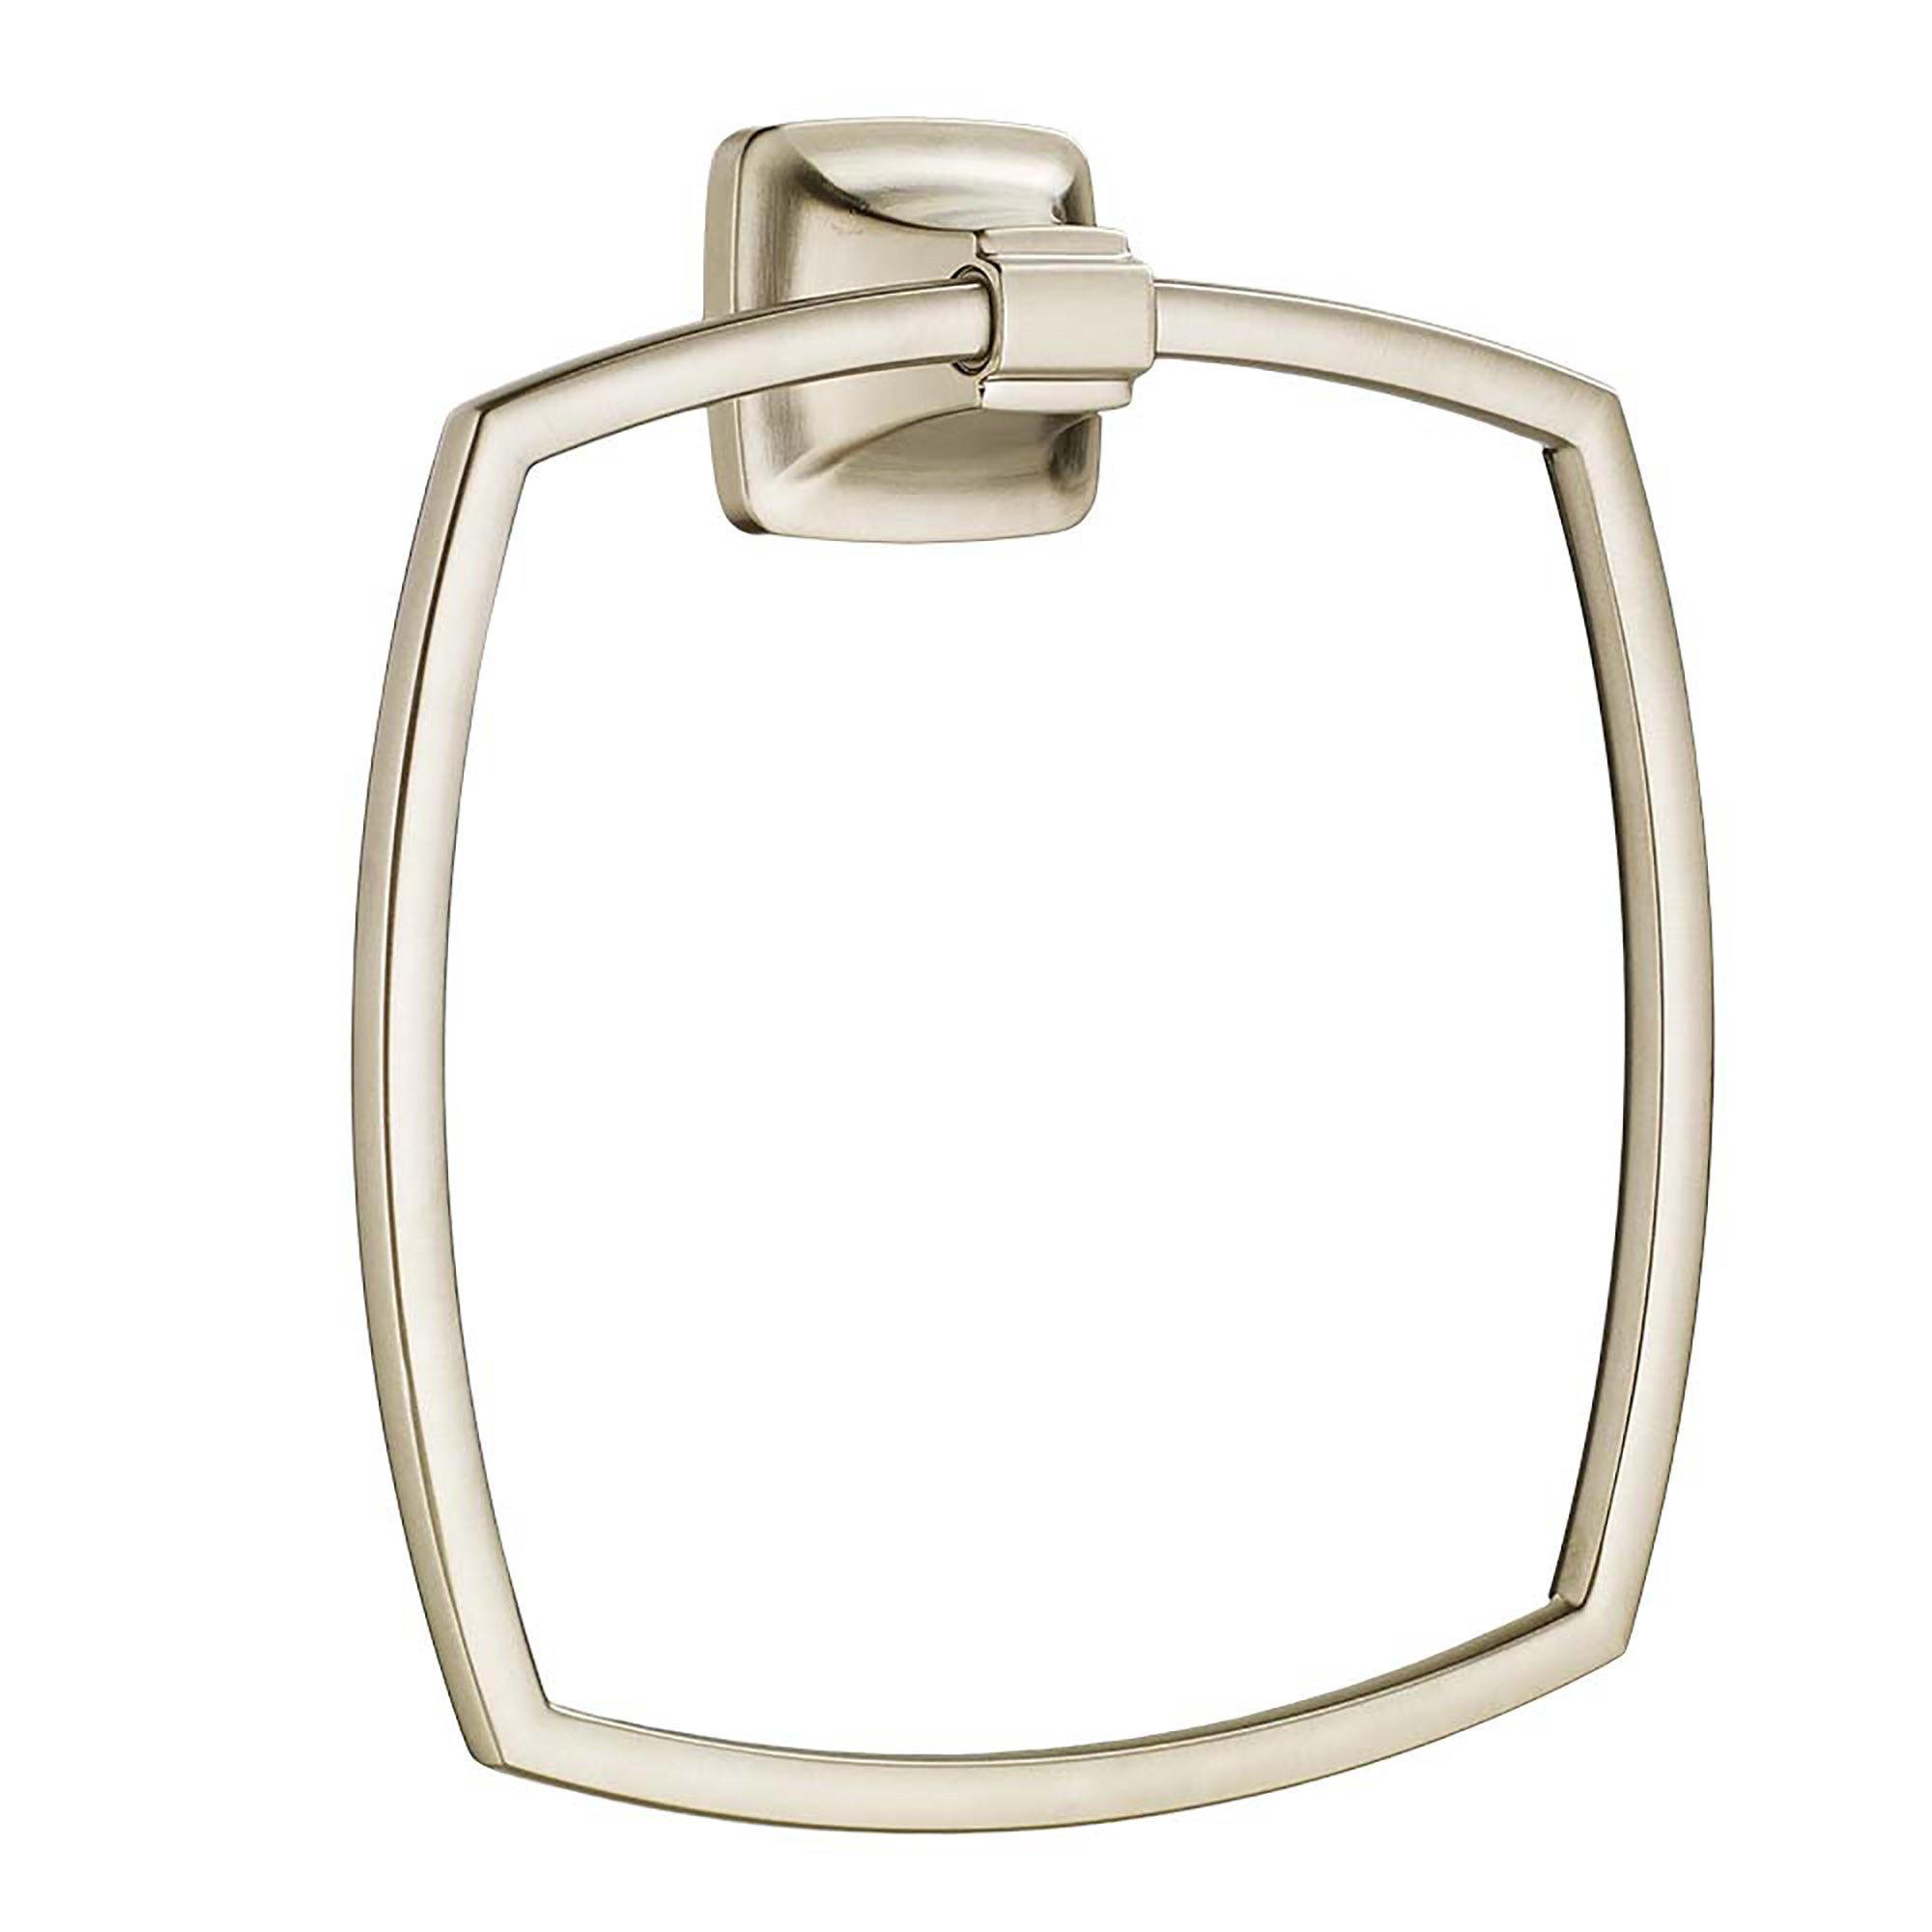 American Standard 7353190.295 Townsend Towel Ring,,, Satin Nickel